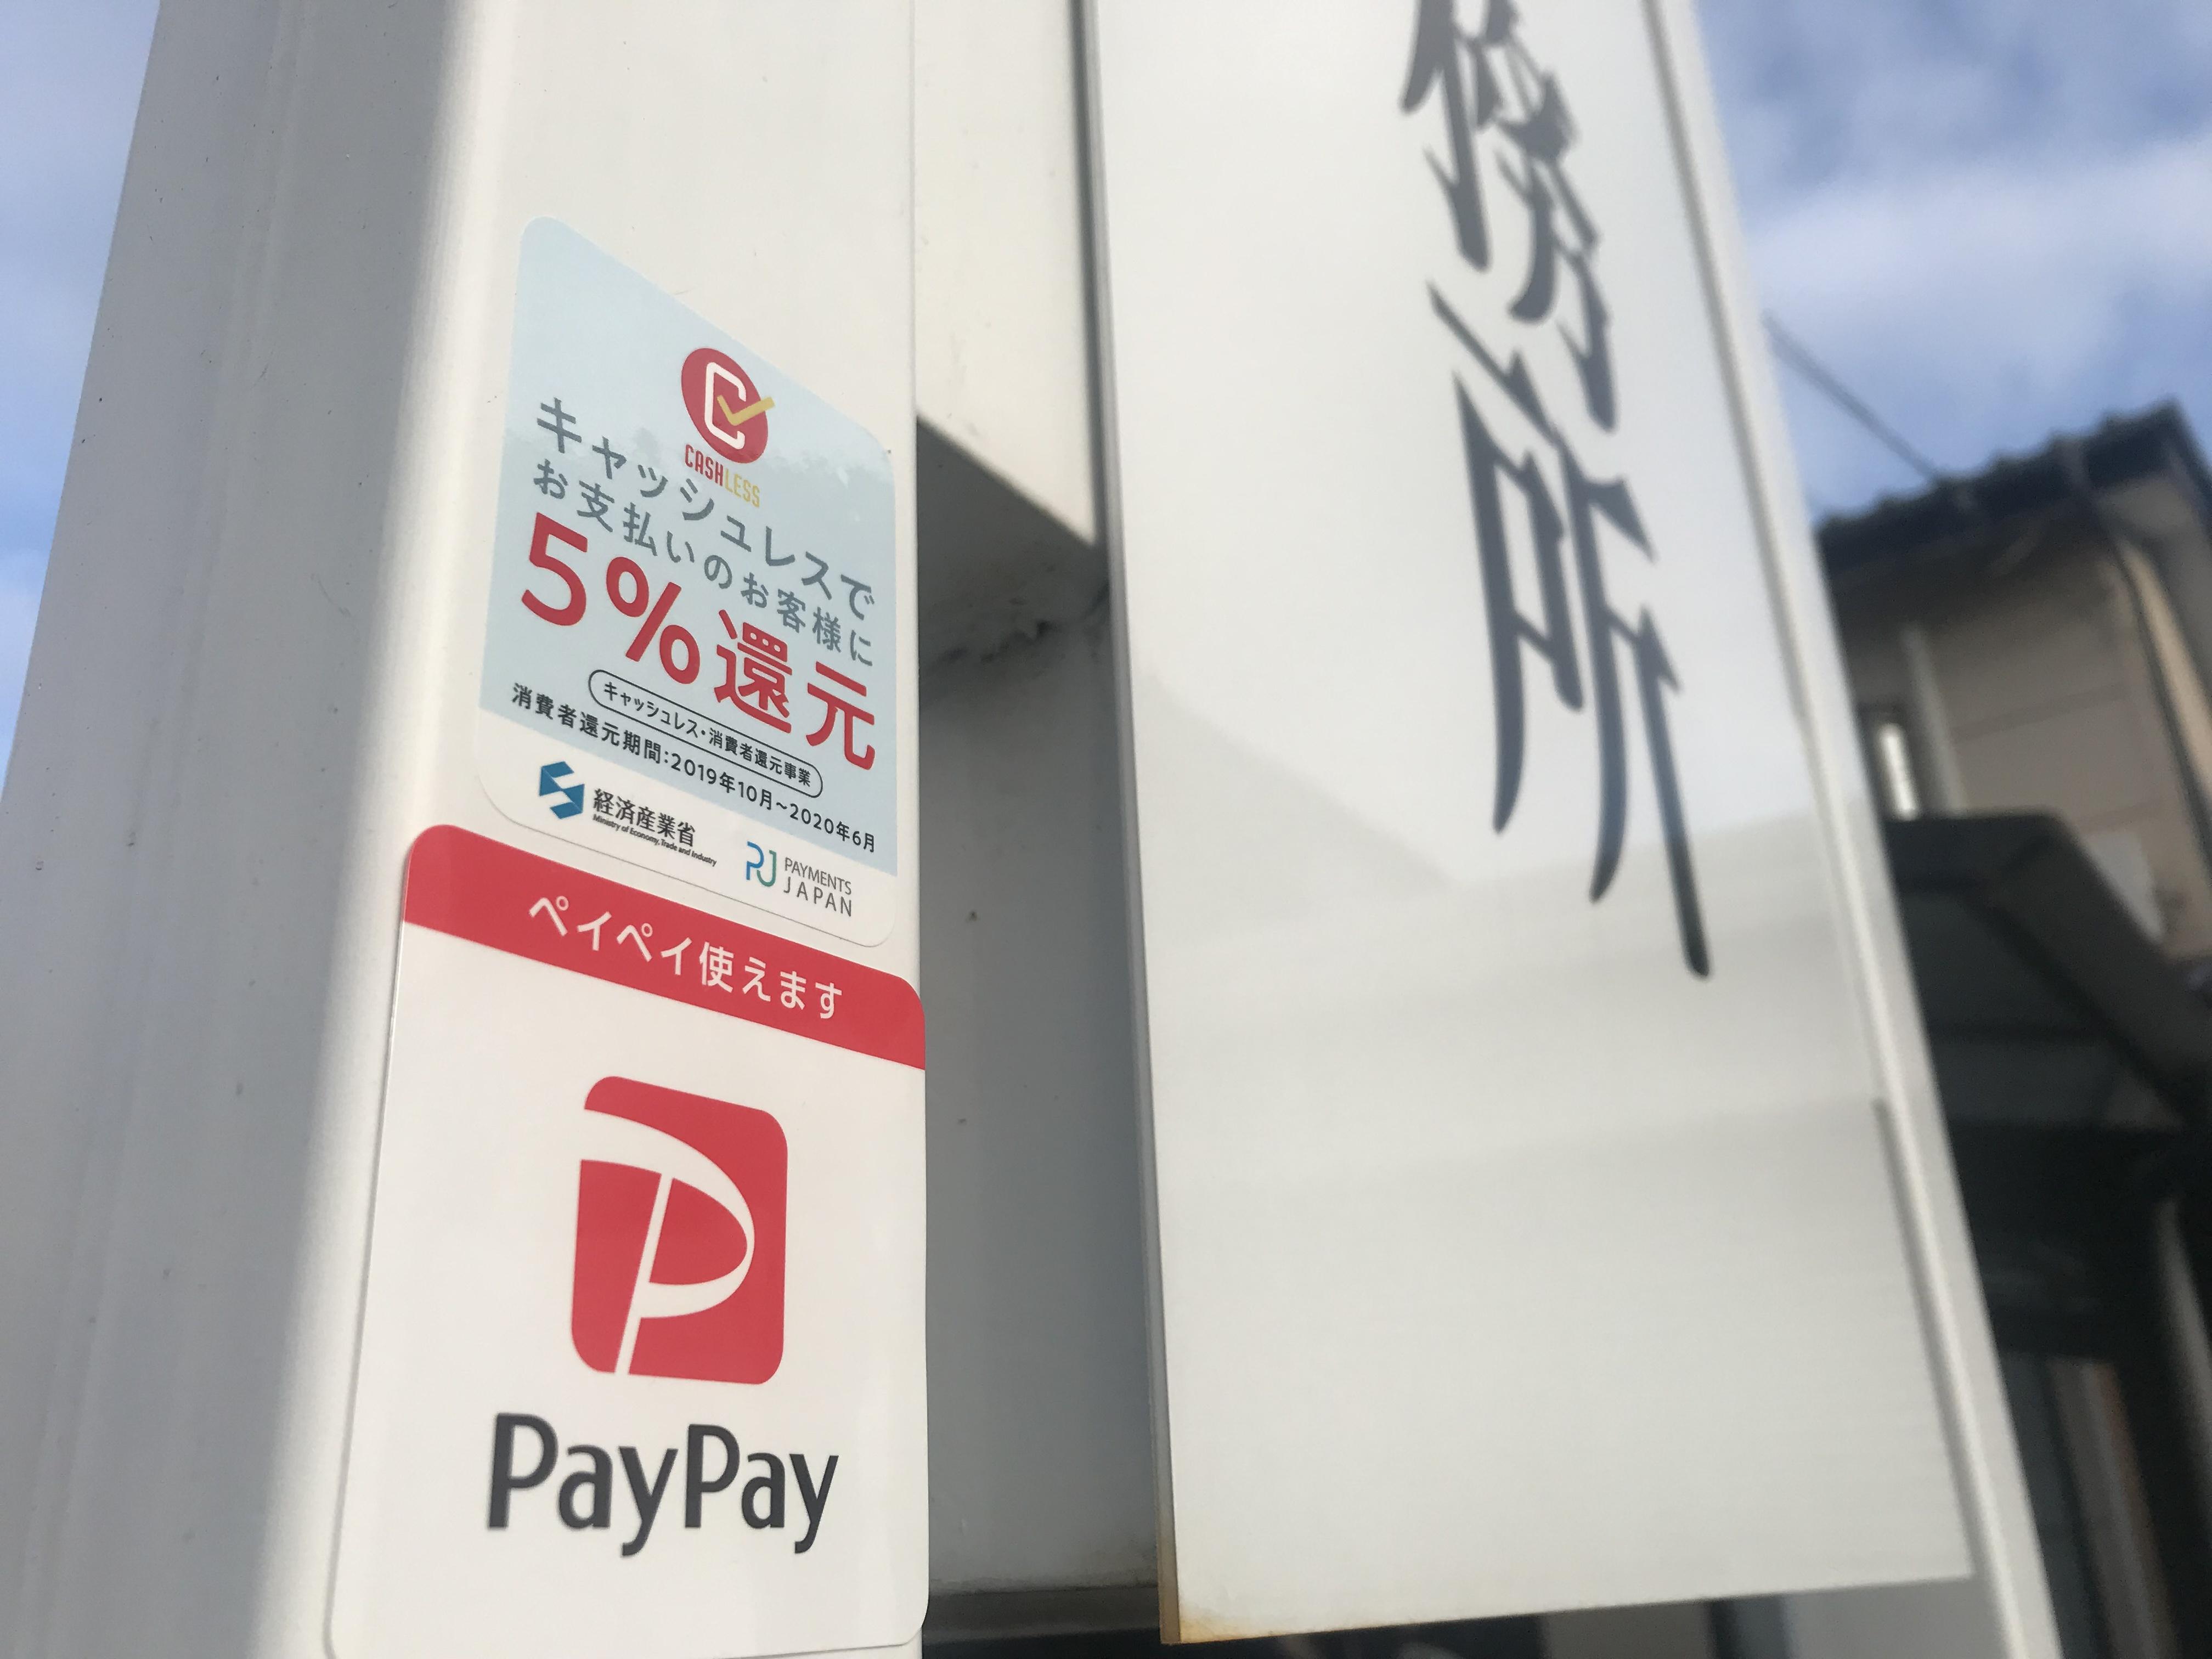 消費 者 還元 事業 paypay